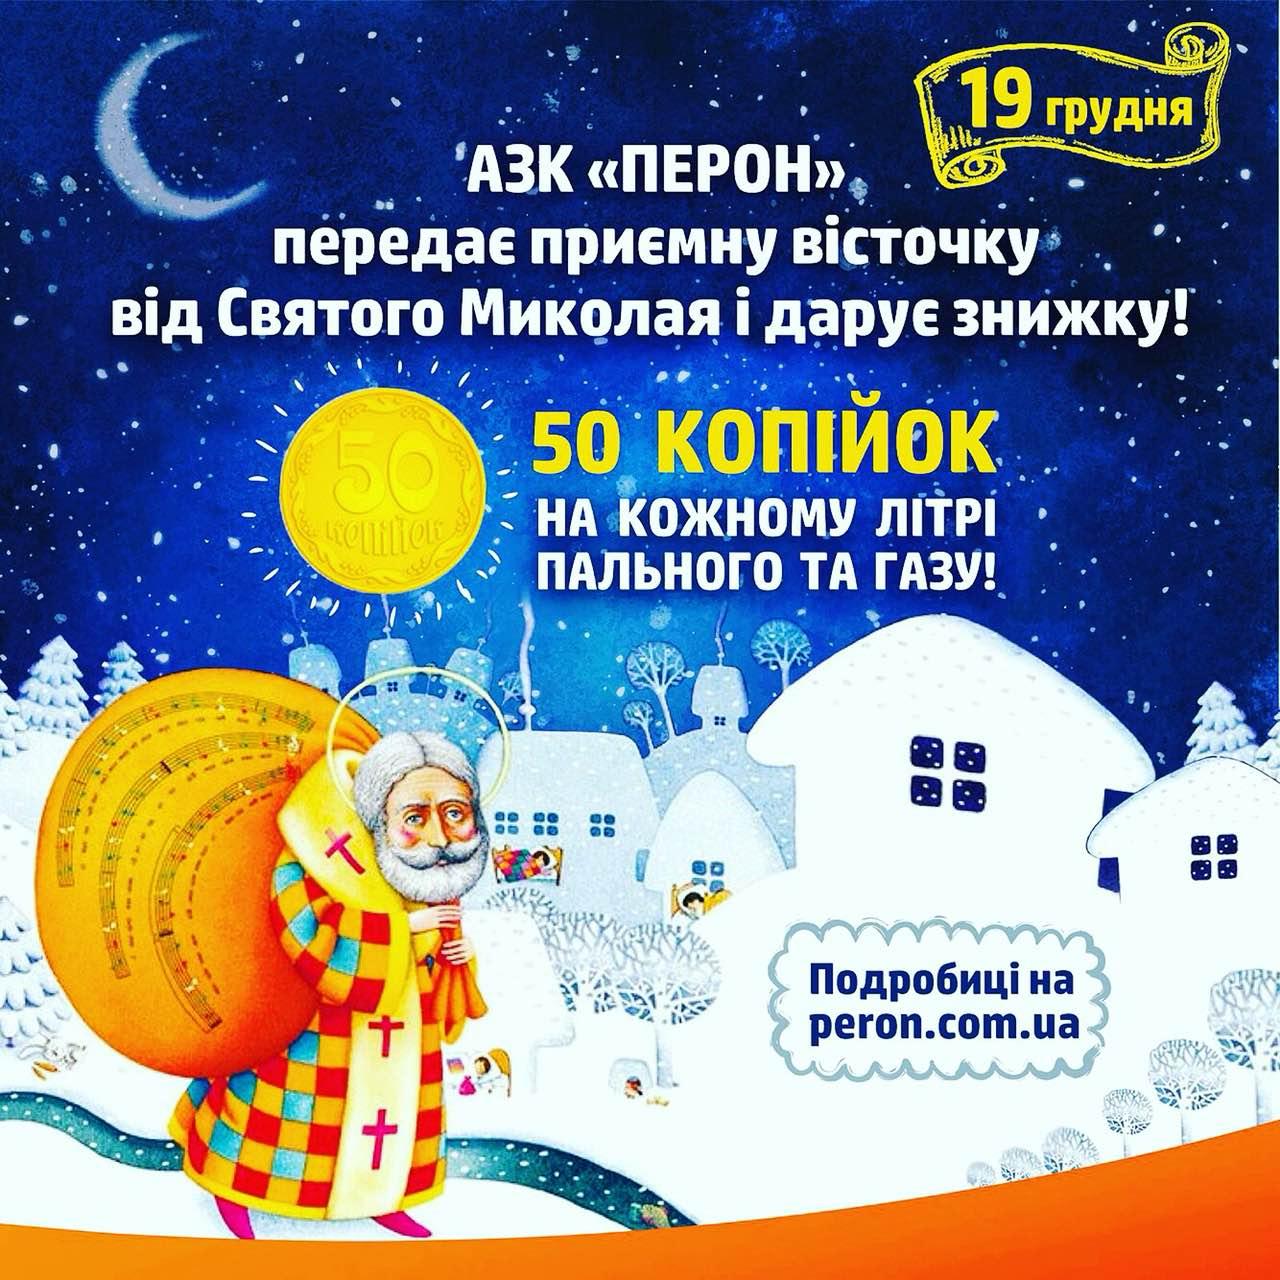 19 декабря АЗК «ПЕРОН» поздравляет всех с праздником Святого Николая Чудотворца!